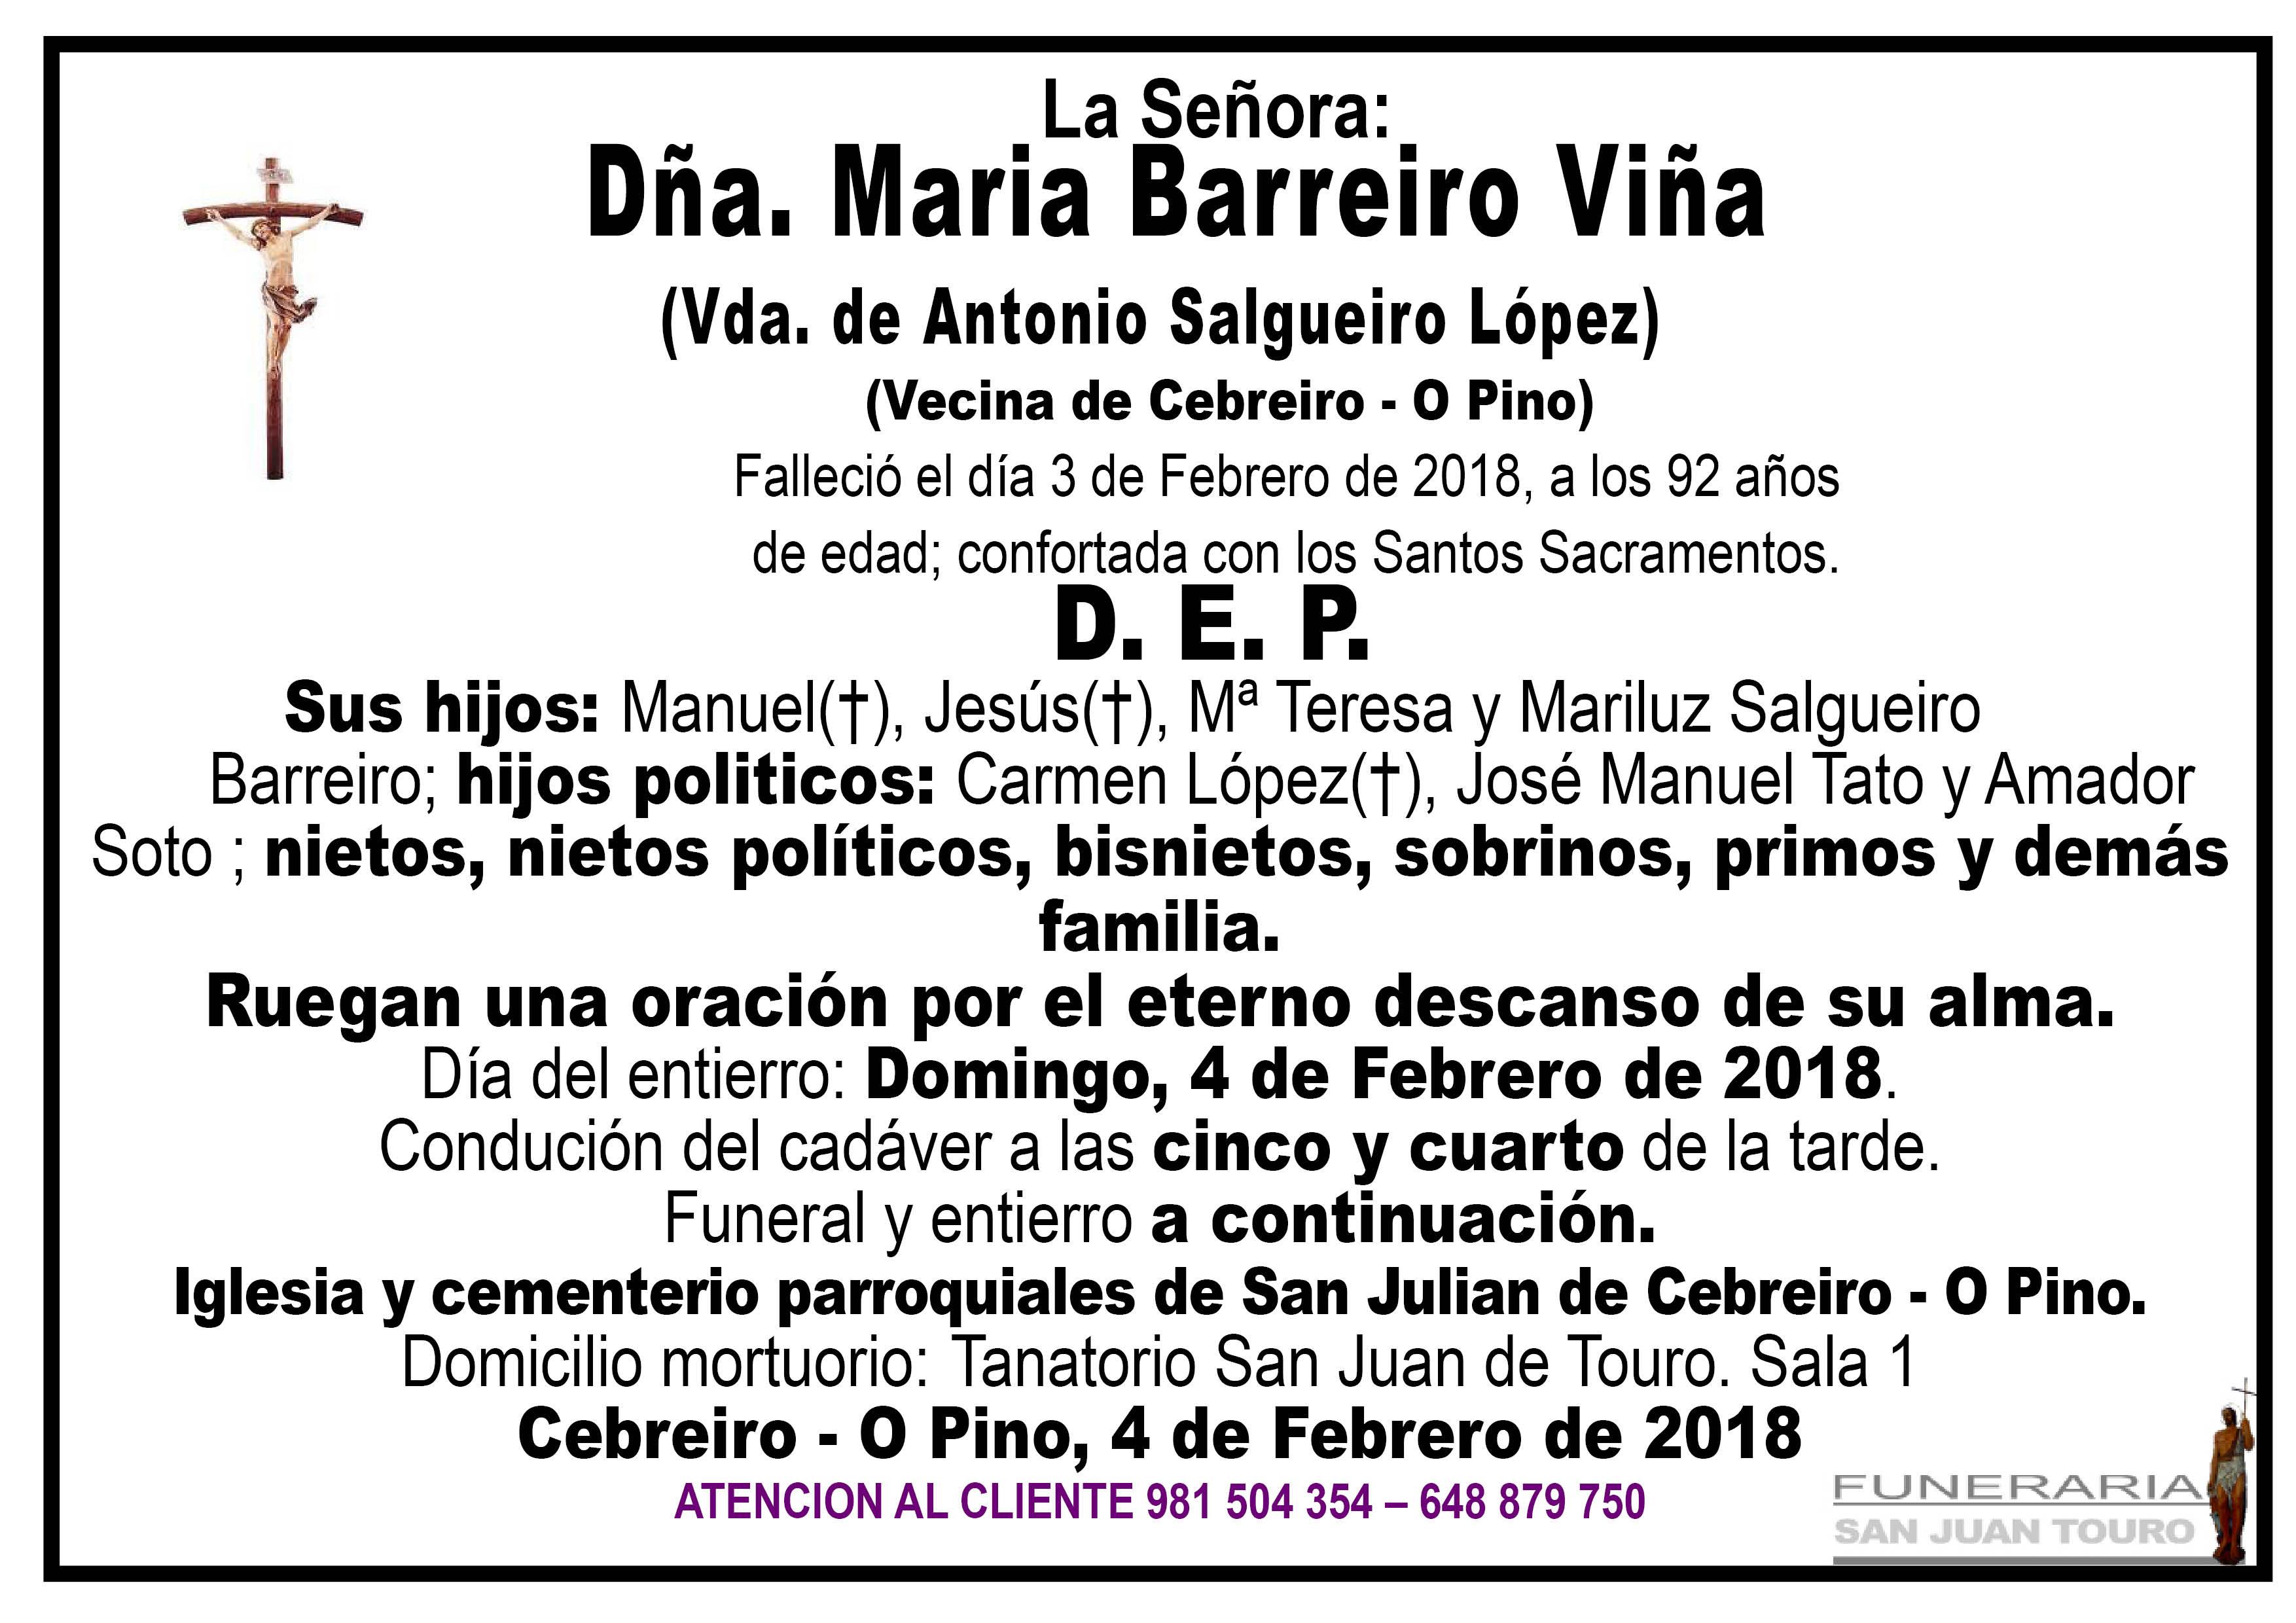 Esquela de SEPELIO DE DÑA. MARÍA BARREIRO VIÑA